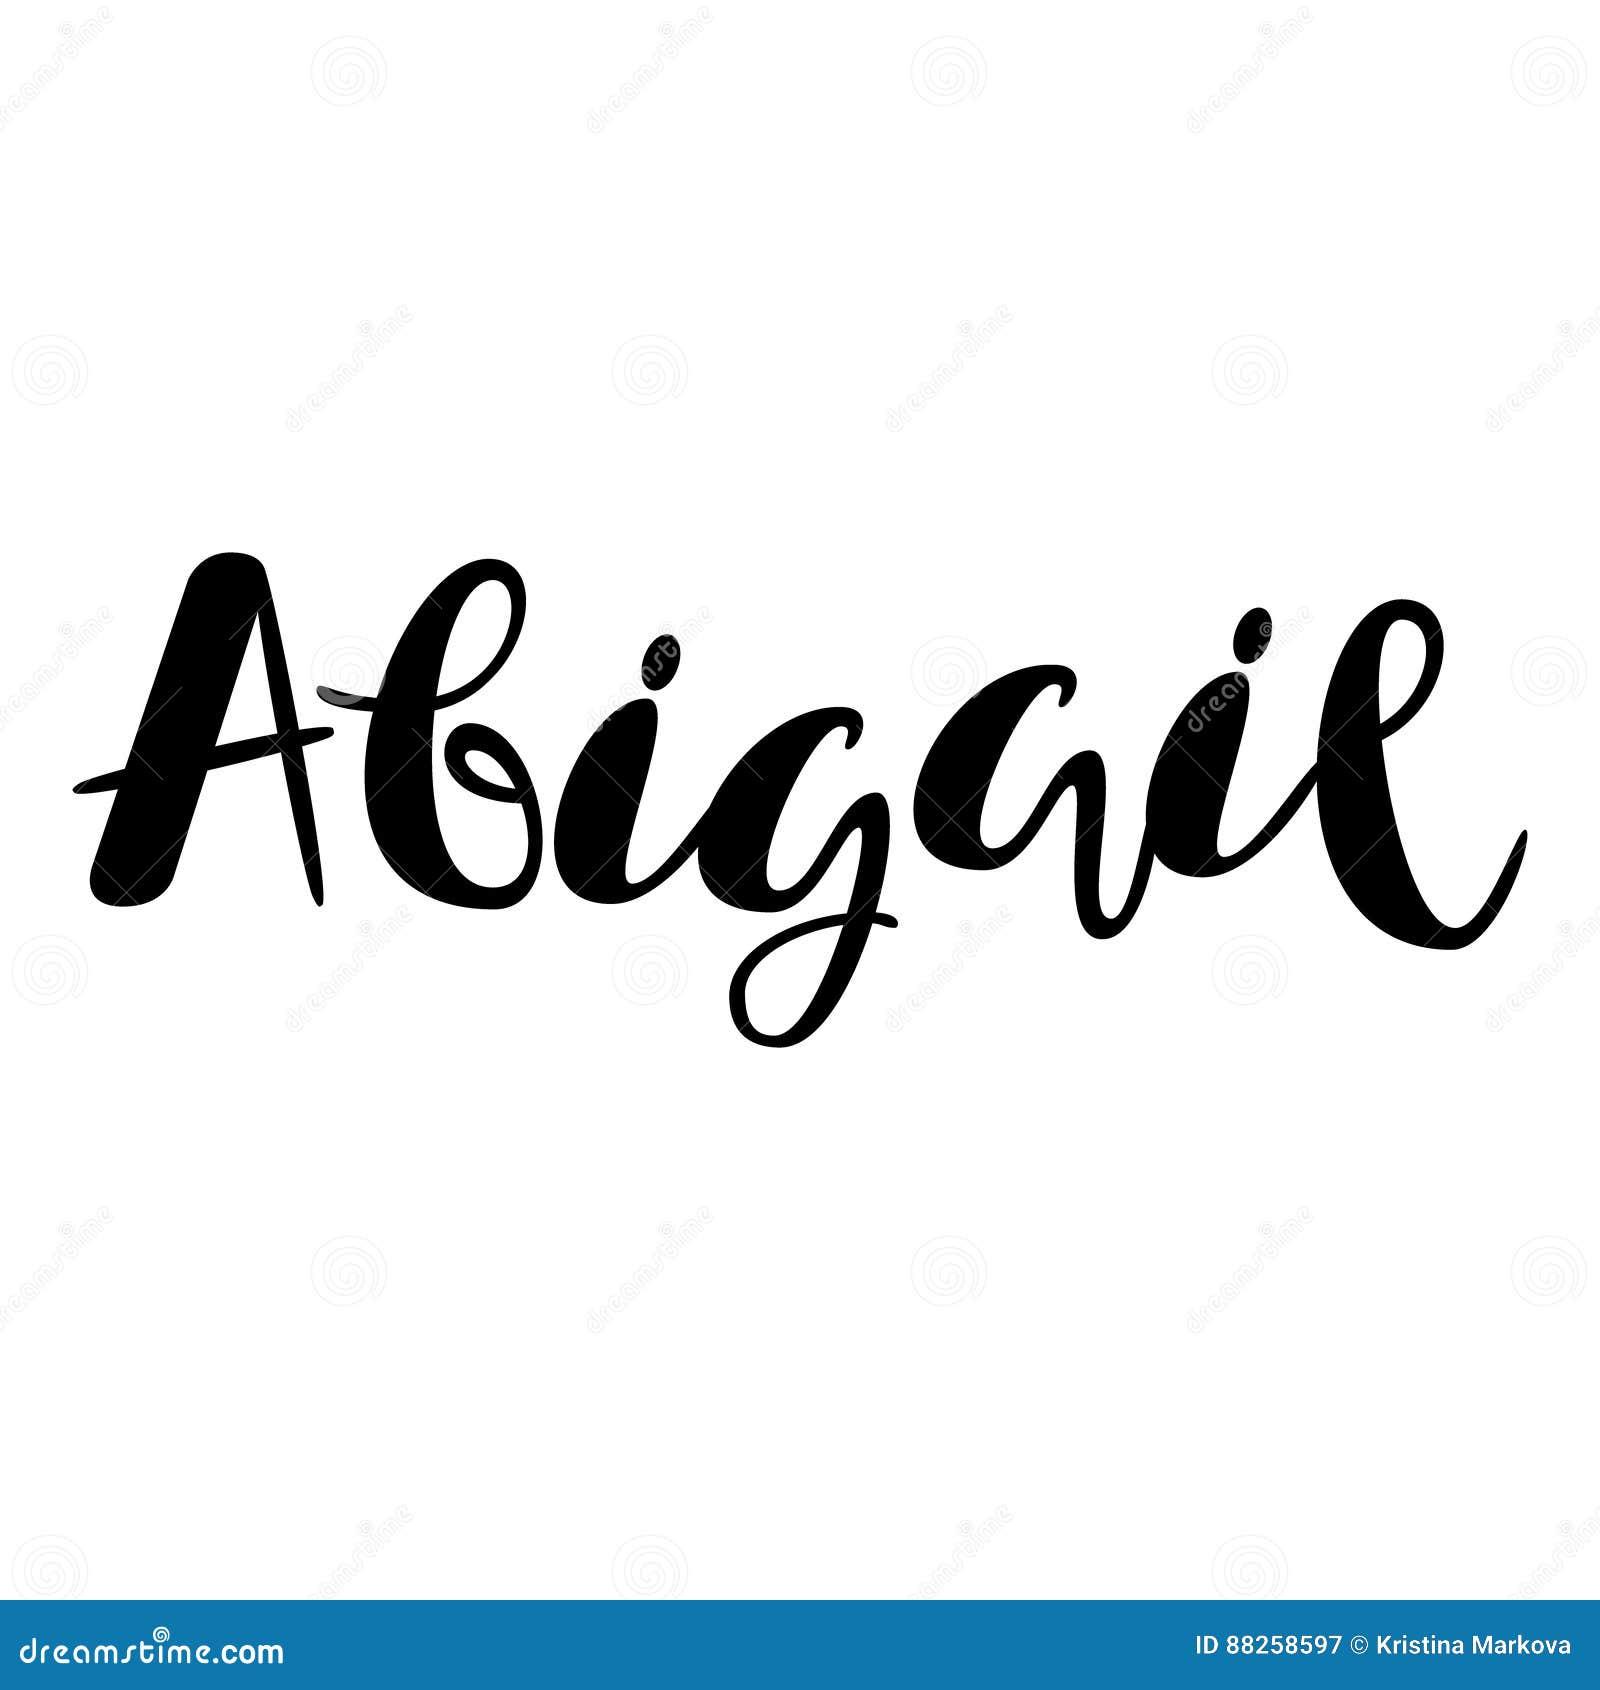 Abigail Tattoo Design